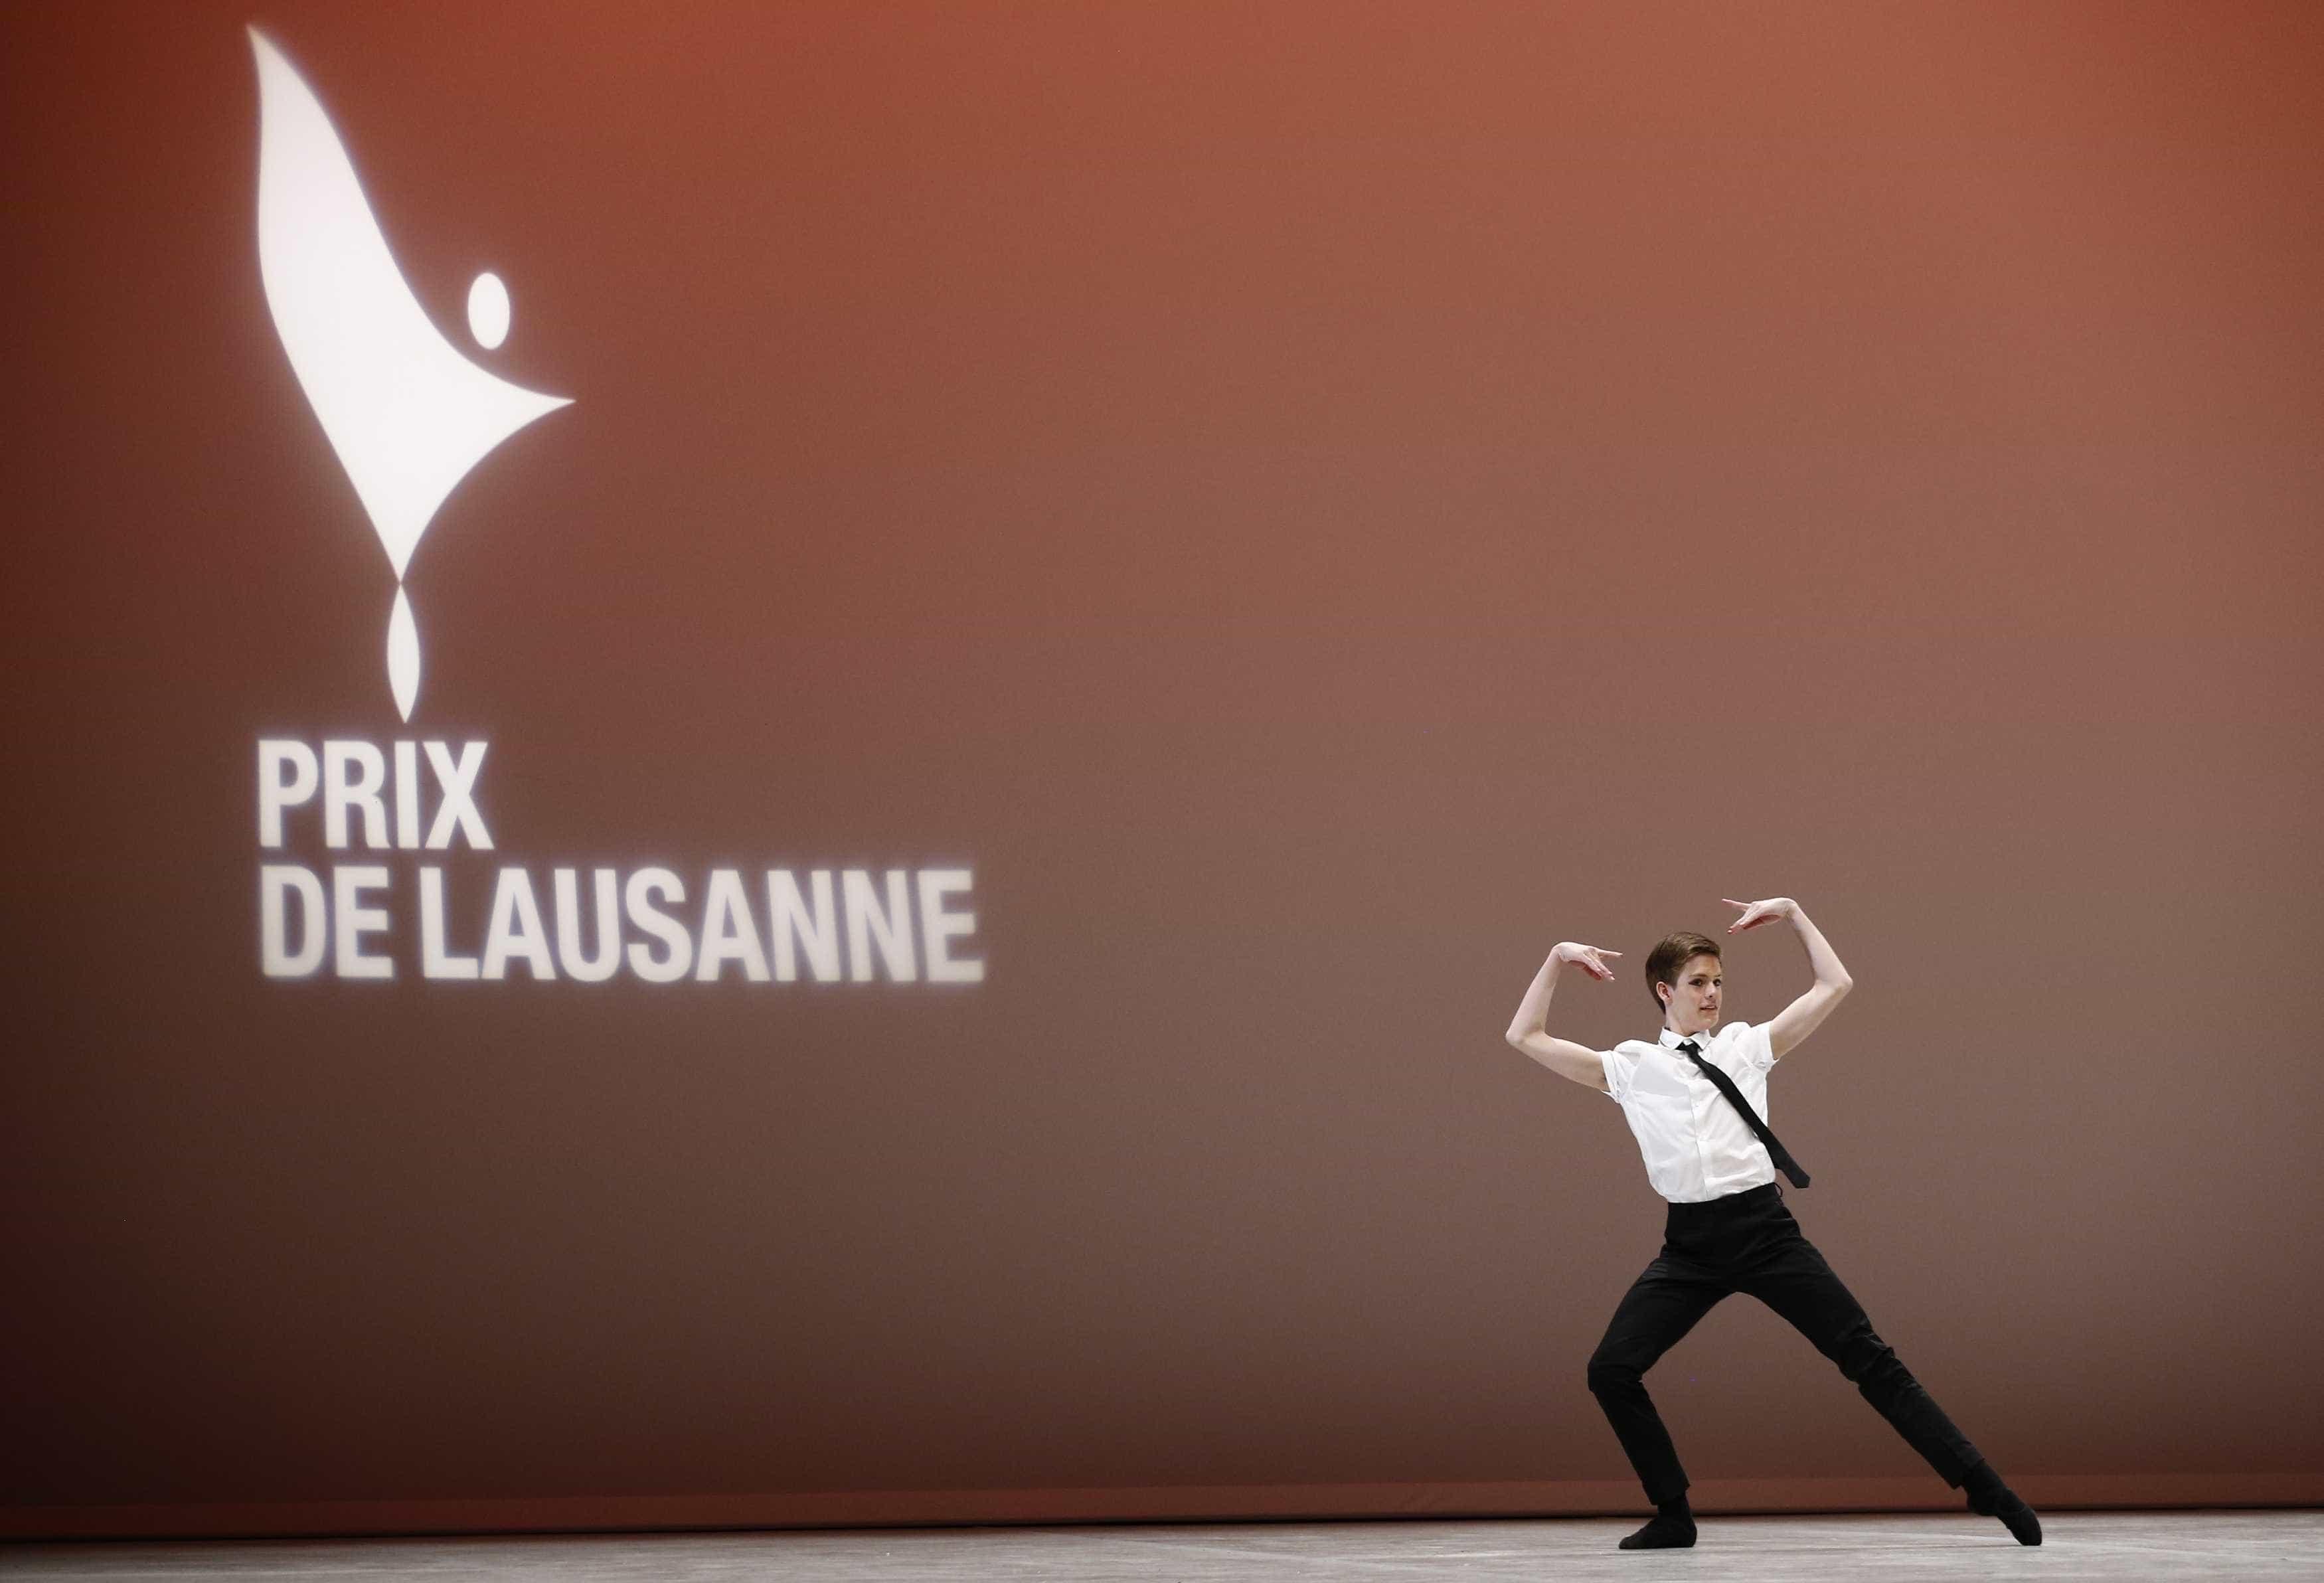 Bailarino português Márcio Mota selecionado para o Prix de Lausanne